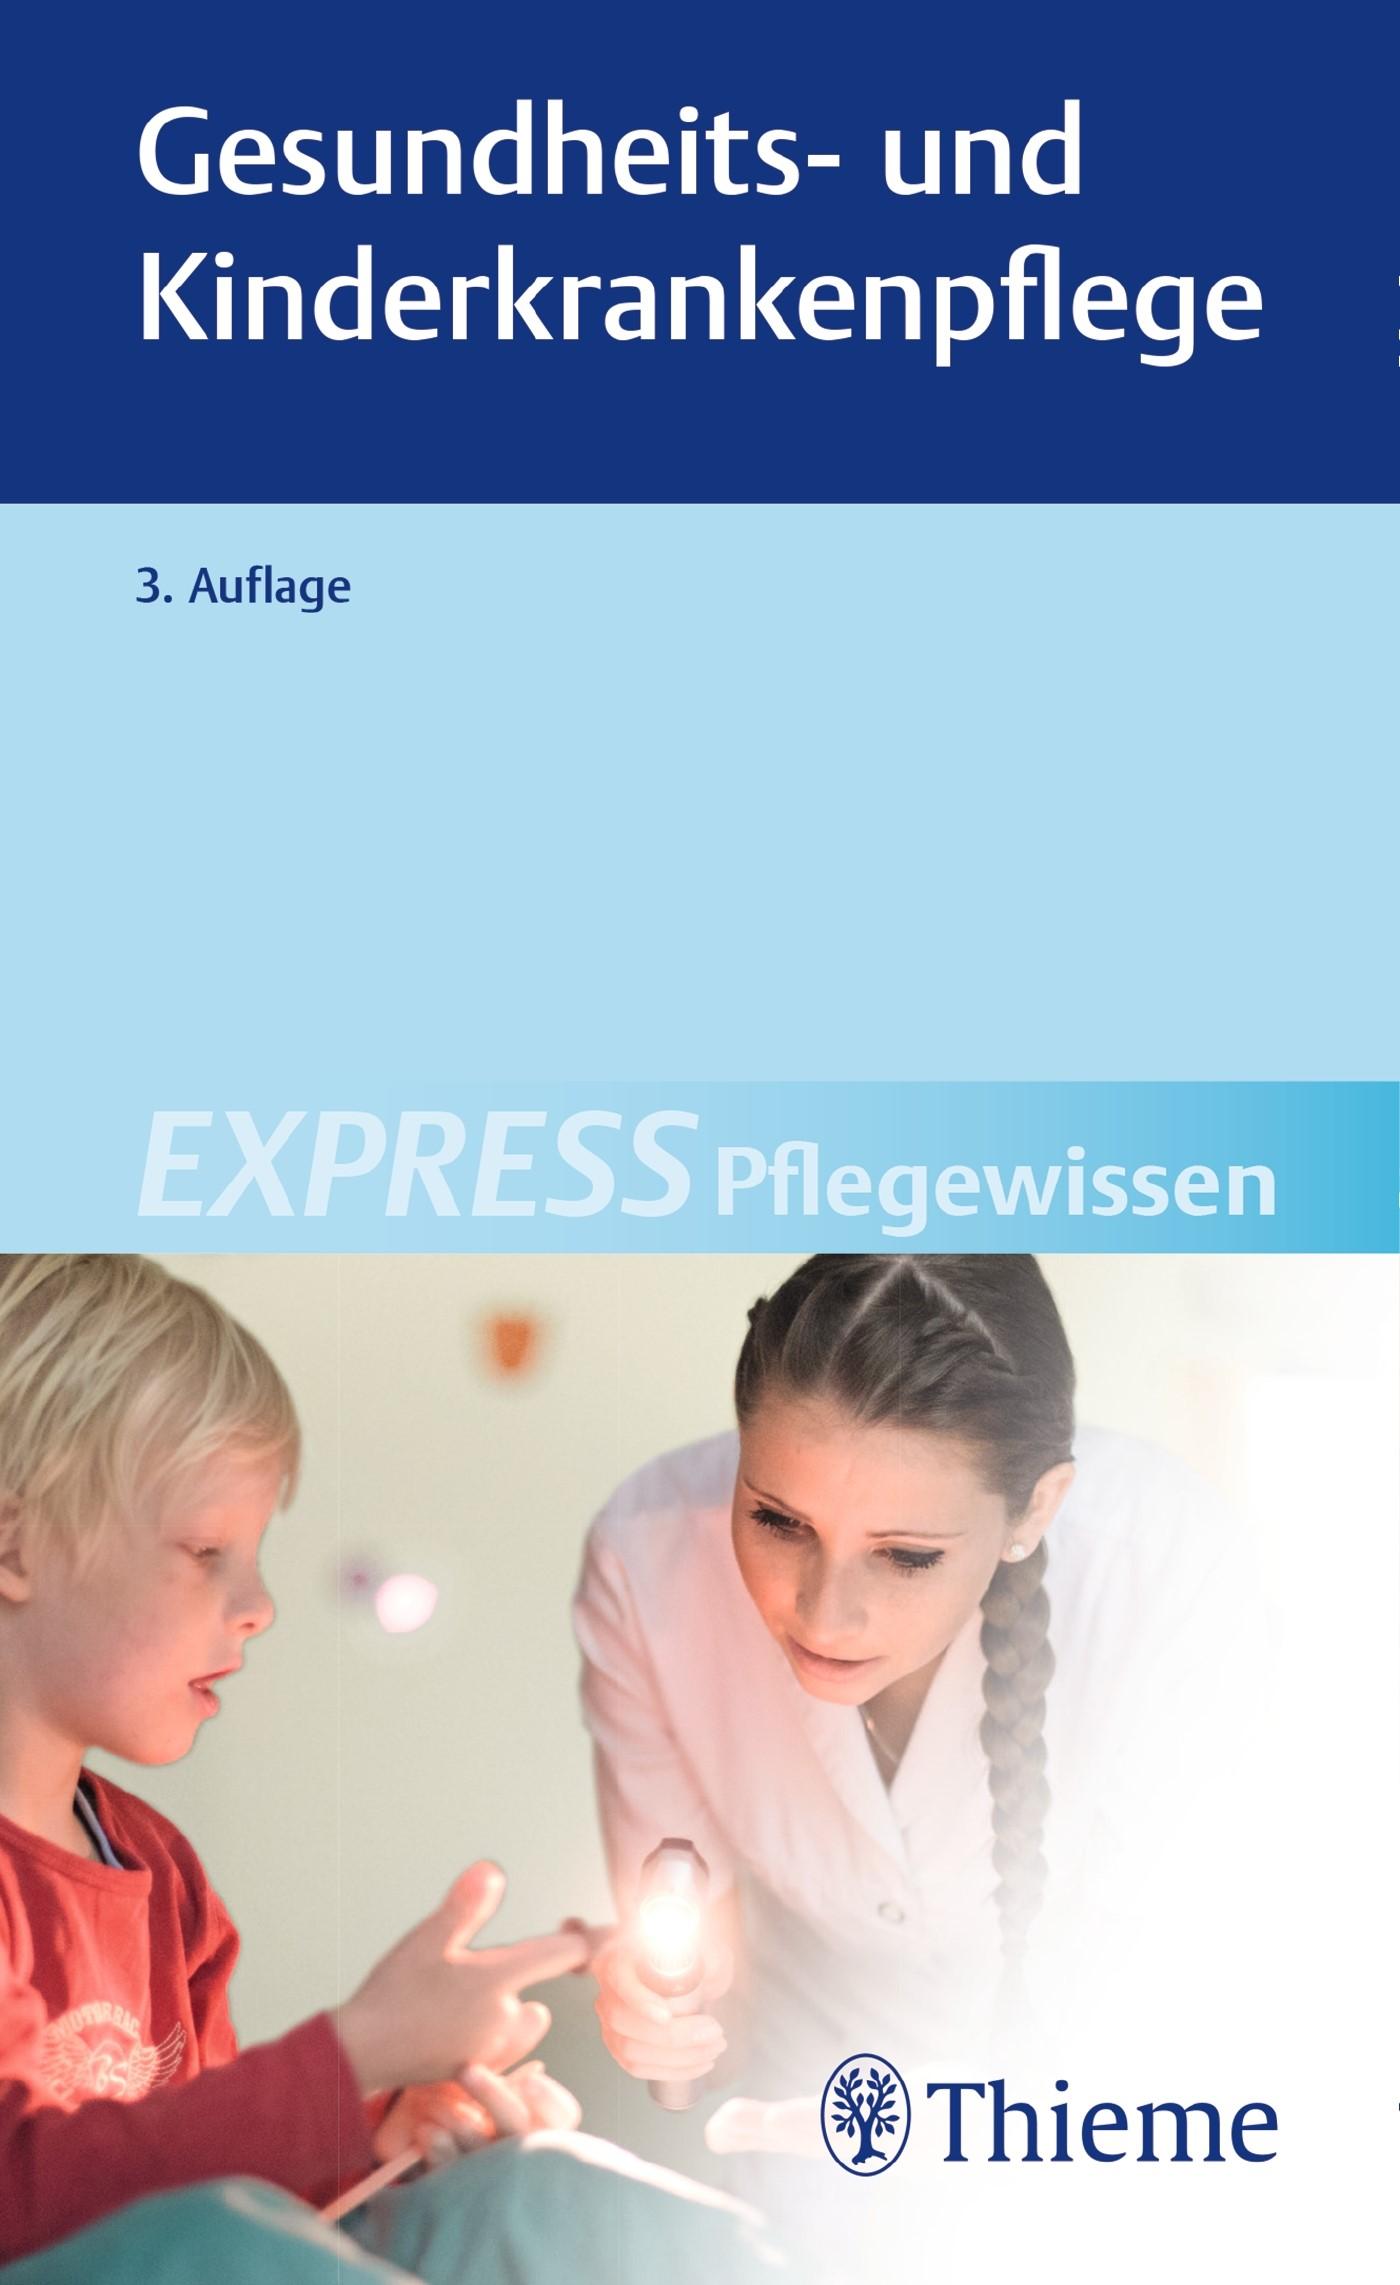 EXPRESS Pflegewissen Gesundheits- und Kinderkrankenpflege | 3. überarbeitete Auflage, 2017 | Buch (Cover)